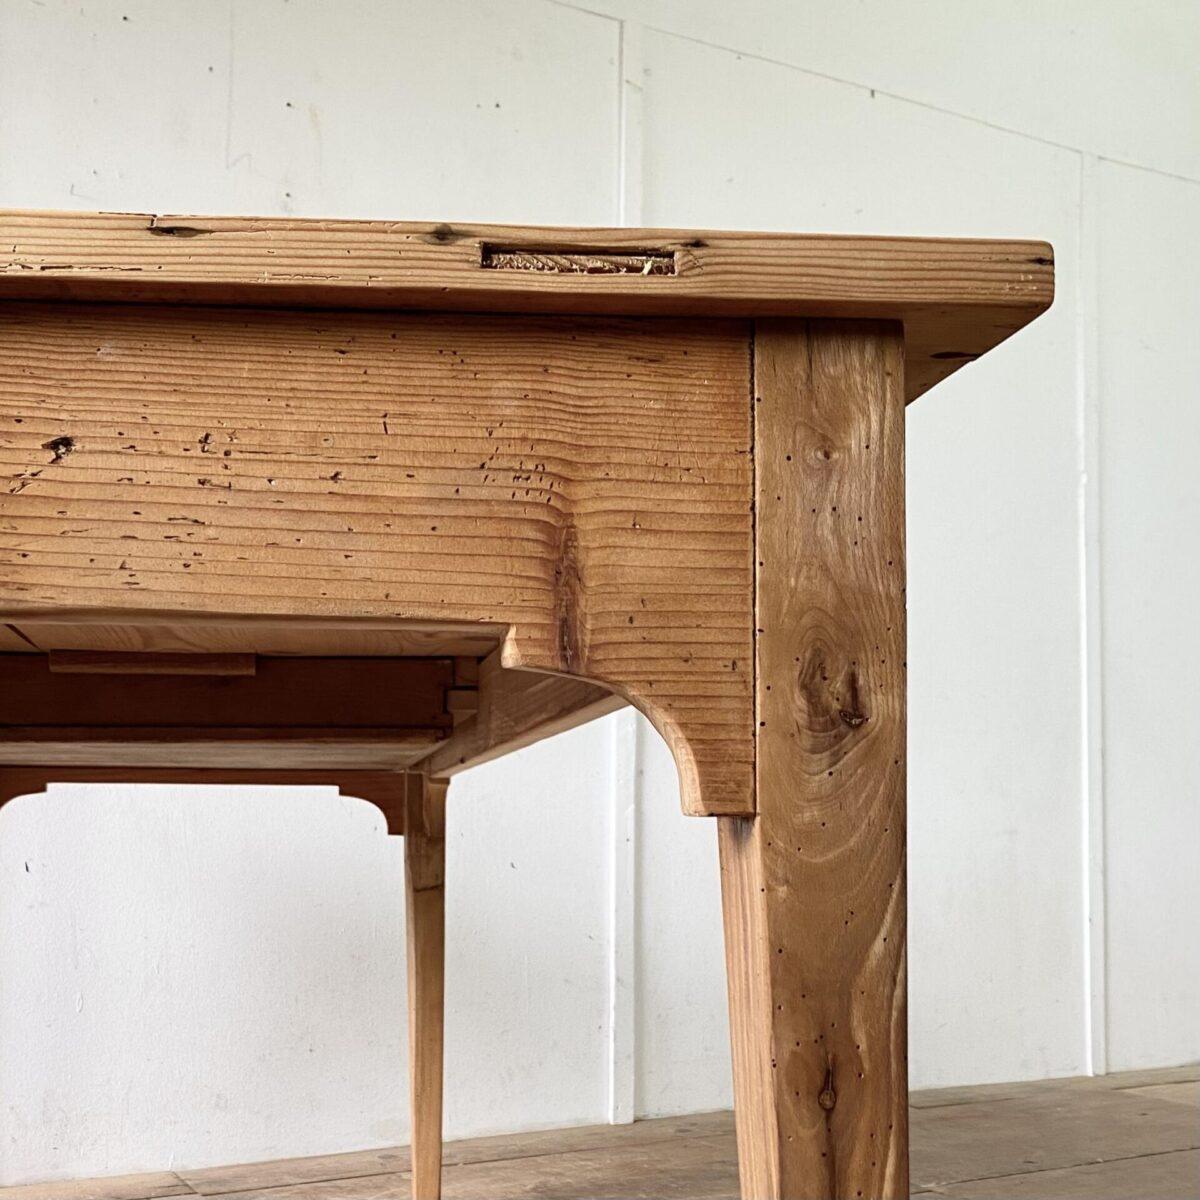 Deuxieme.shop antiker Biedermeiertisch mit Stirnseitiger Schublade. 183x79cm Höhe 75cm. Der Tisch hat eine lebhafte Alterspatina, leicht offene Fugen und Wurmlöcher, stabiler überarbeiteter Zustand. Die Holzoberflächen sind mit Naturöl behandelt. Es finden 6-8 Personen daran Platz.